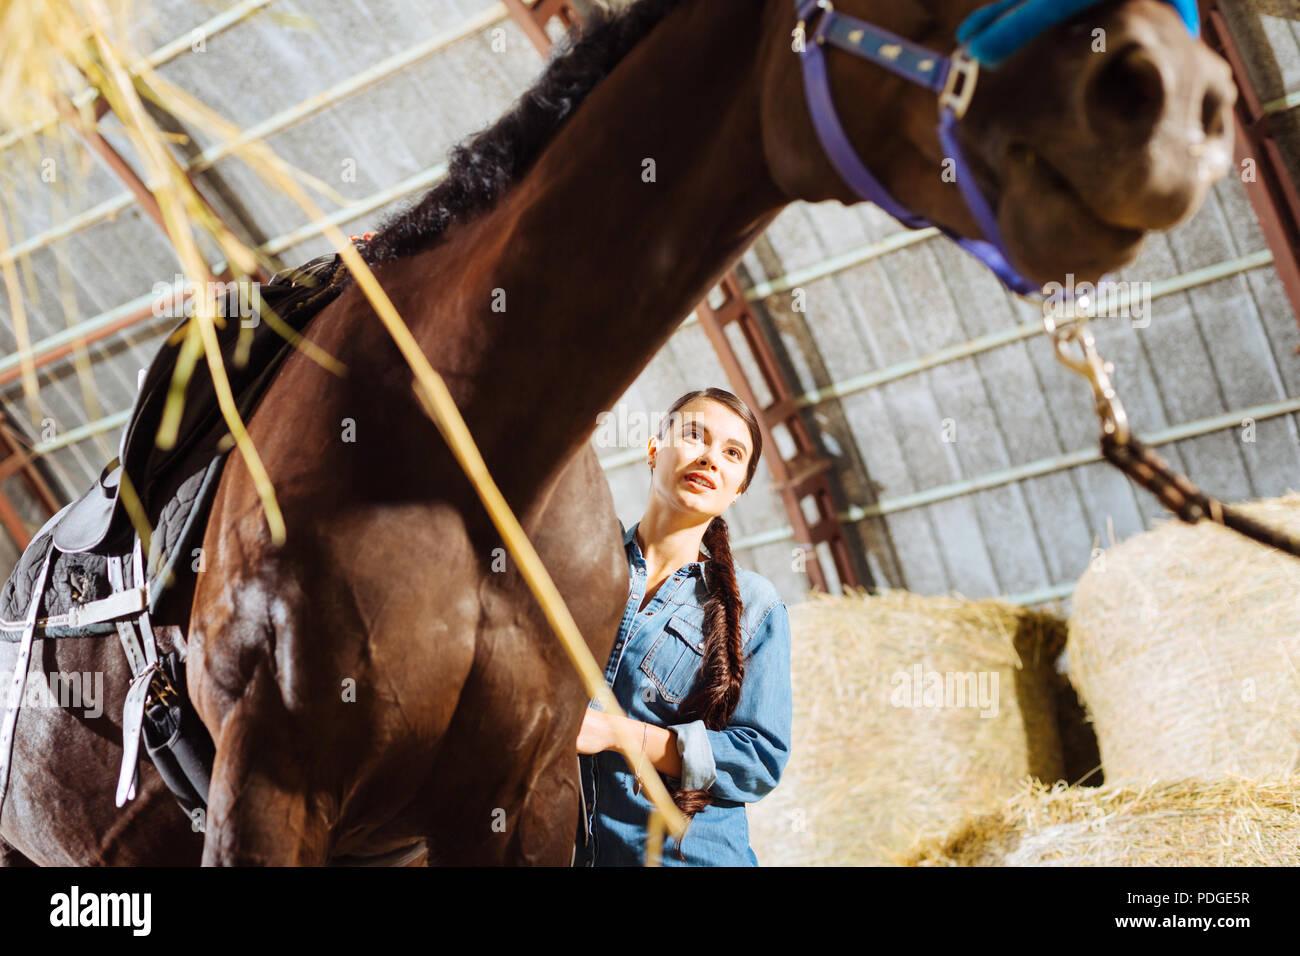 Giovani cavallerizza con lunghi capelli scuri alimentando il suo cavallo da corsa Immagini Stock